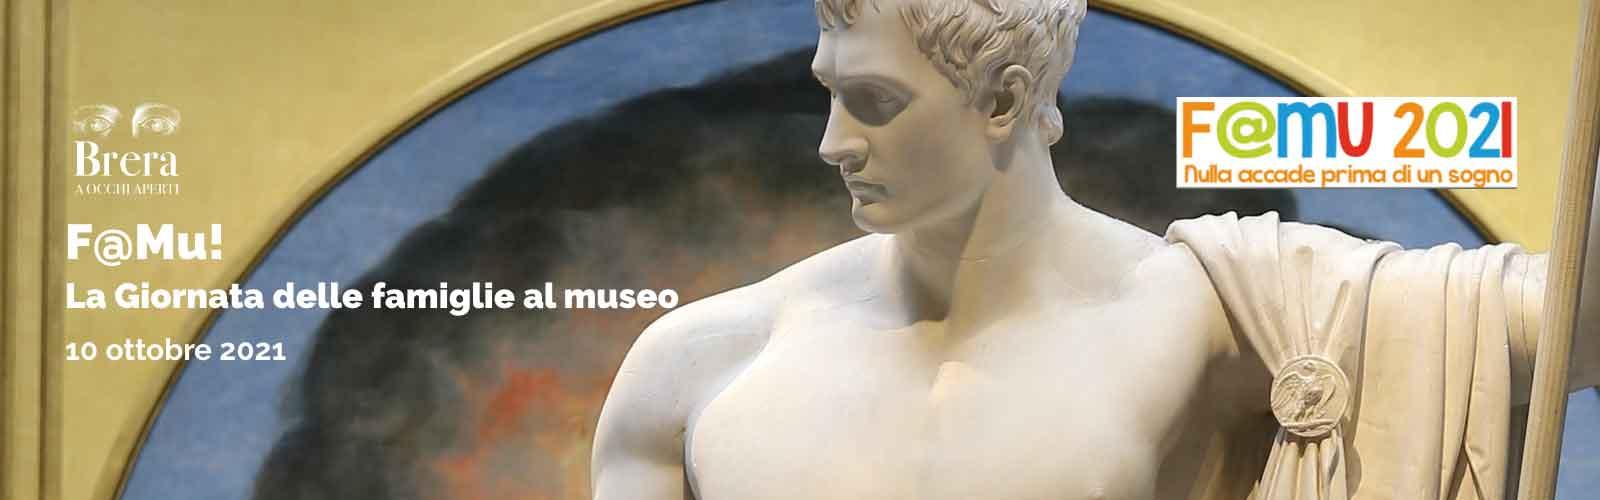 F@Mu, giornata delle Famiglie al museo<br><em>Nulla accade prima di un sogno</em>